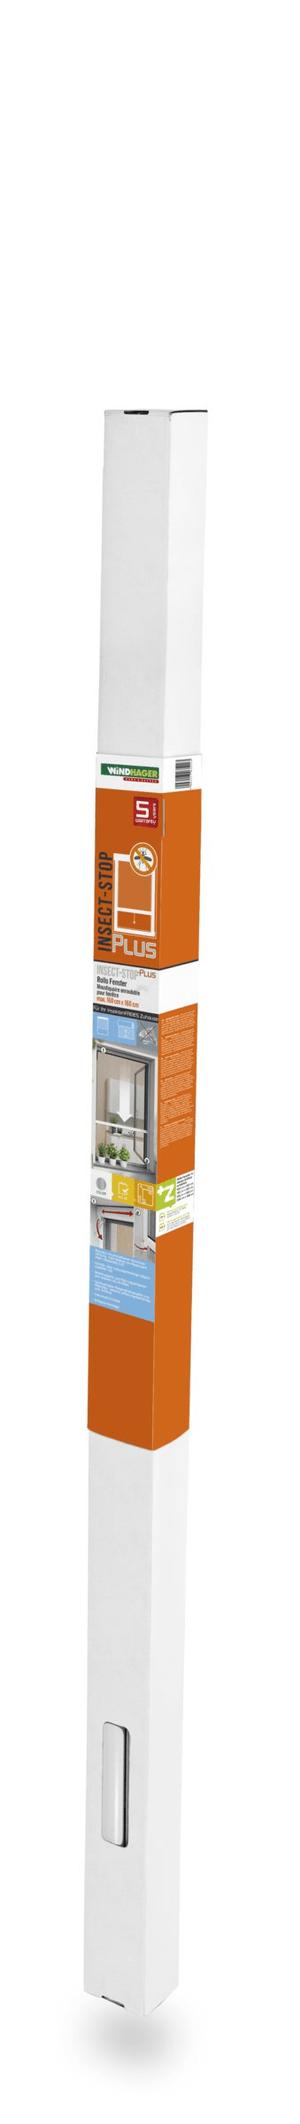 Store-moustiquaire 100x160cm, aluminium